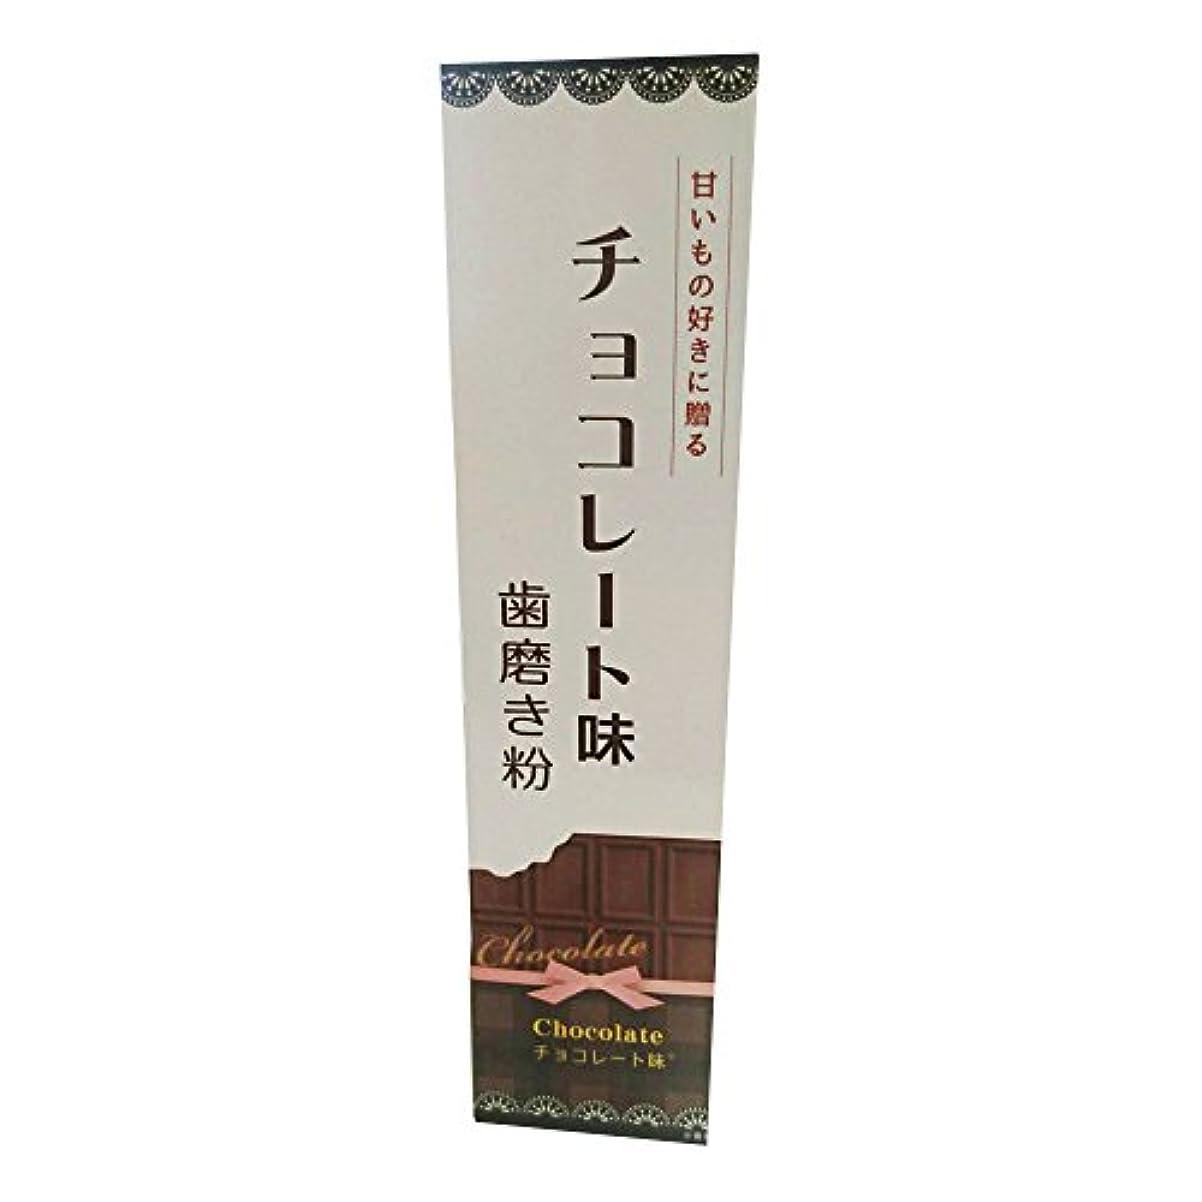 努力する寸法東方フレーバー歯磨き粉チョコレート味 70g